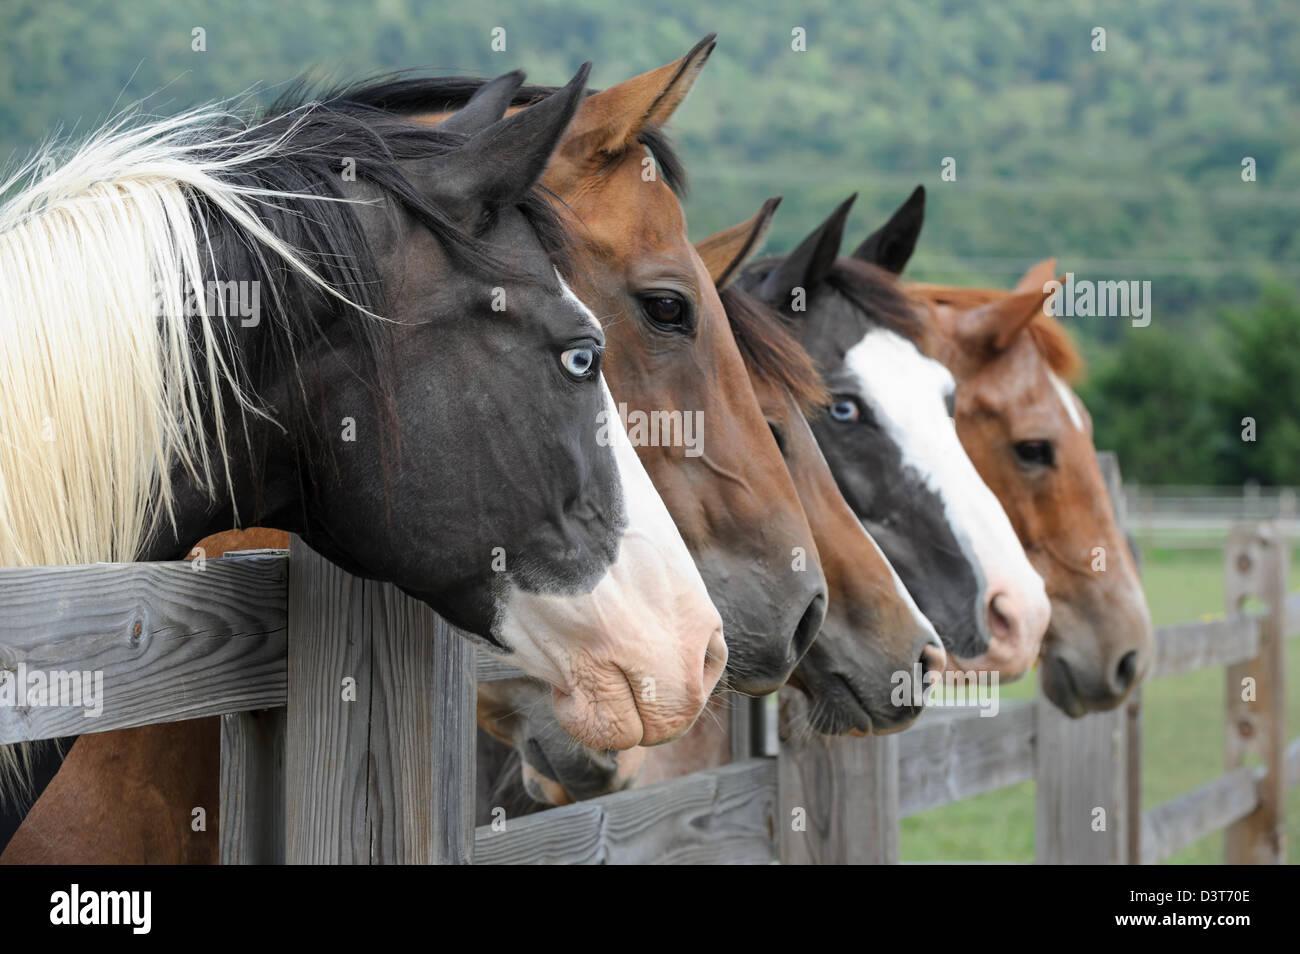 Los caballos se alinearon mirando por encima del muro como un grupo de cámara hacia la derecha, vista lateral, Imagen De Stock